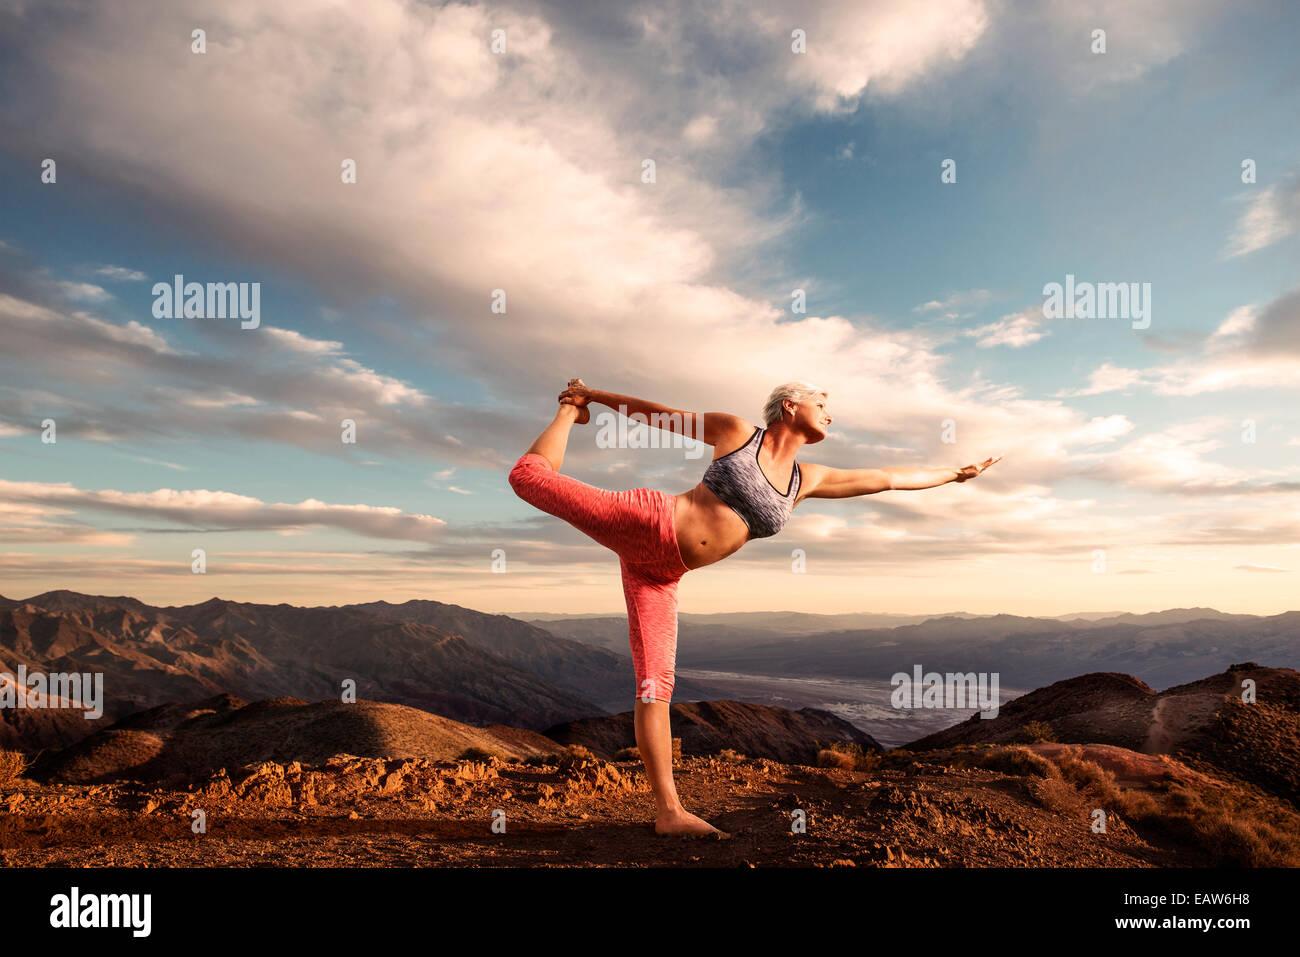 Mujer mayor haciendo pose de yoga en la cima de la montaña al atardecer con el paisaje y desierto valle abajo. Imagen De Stock